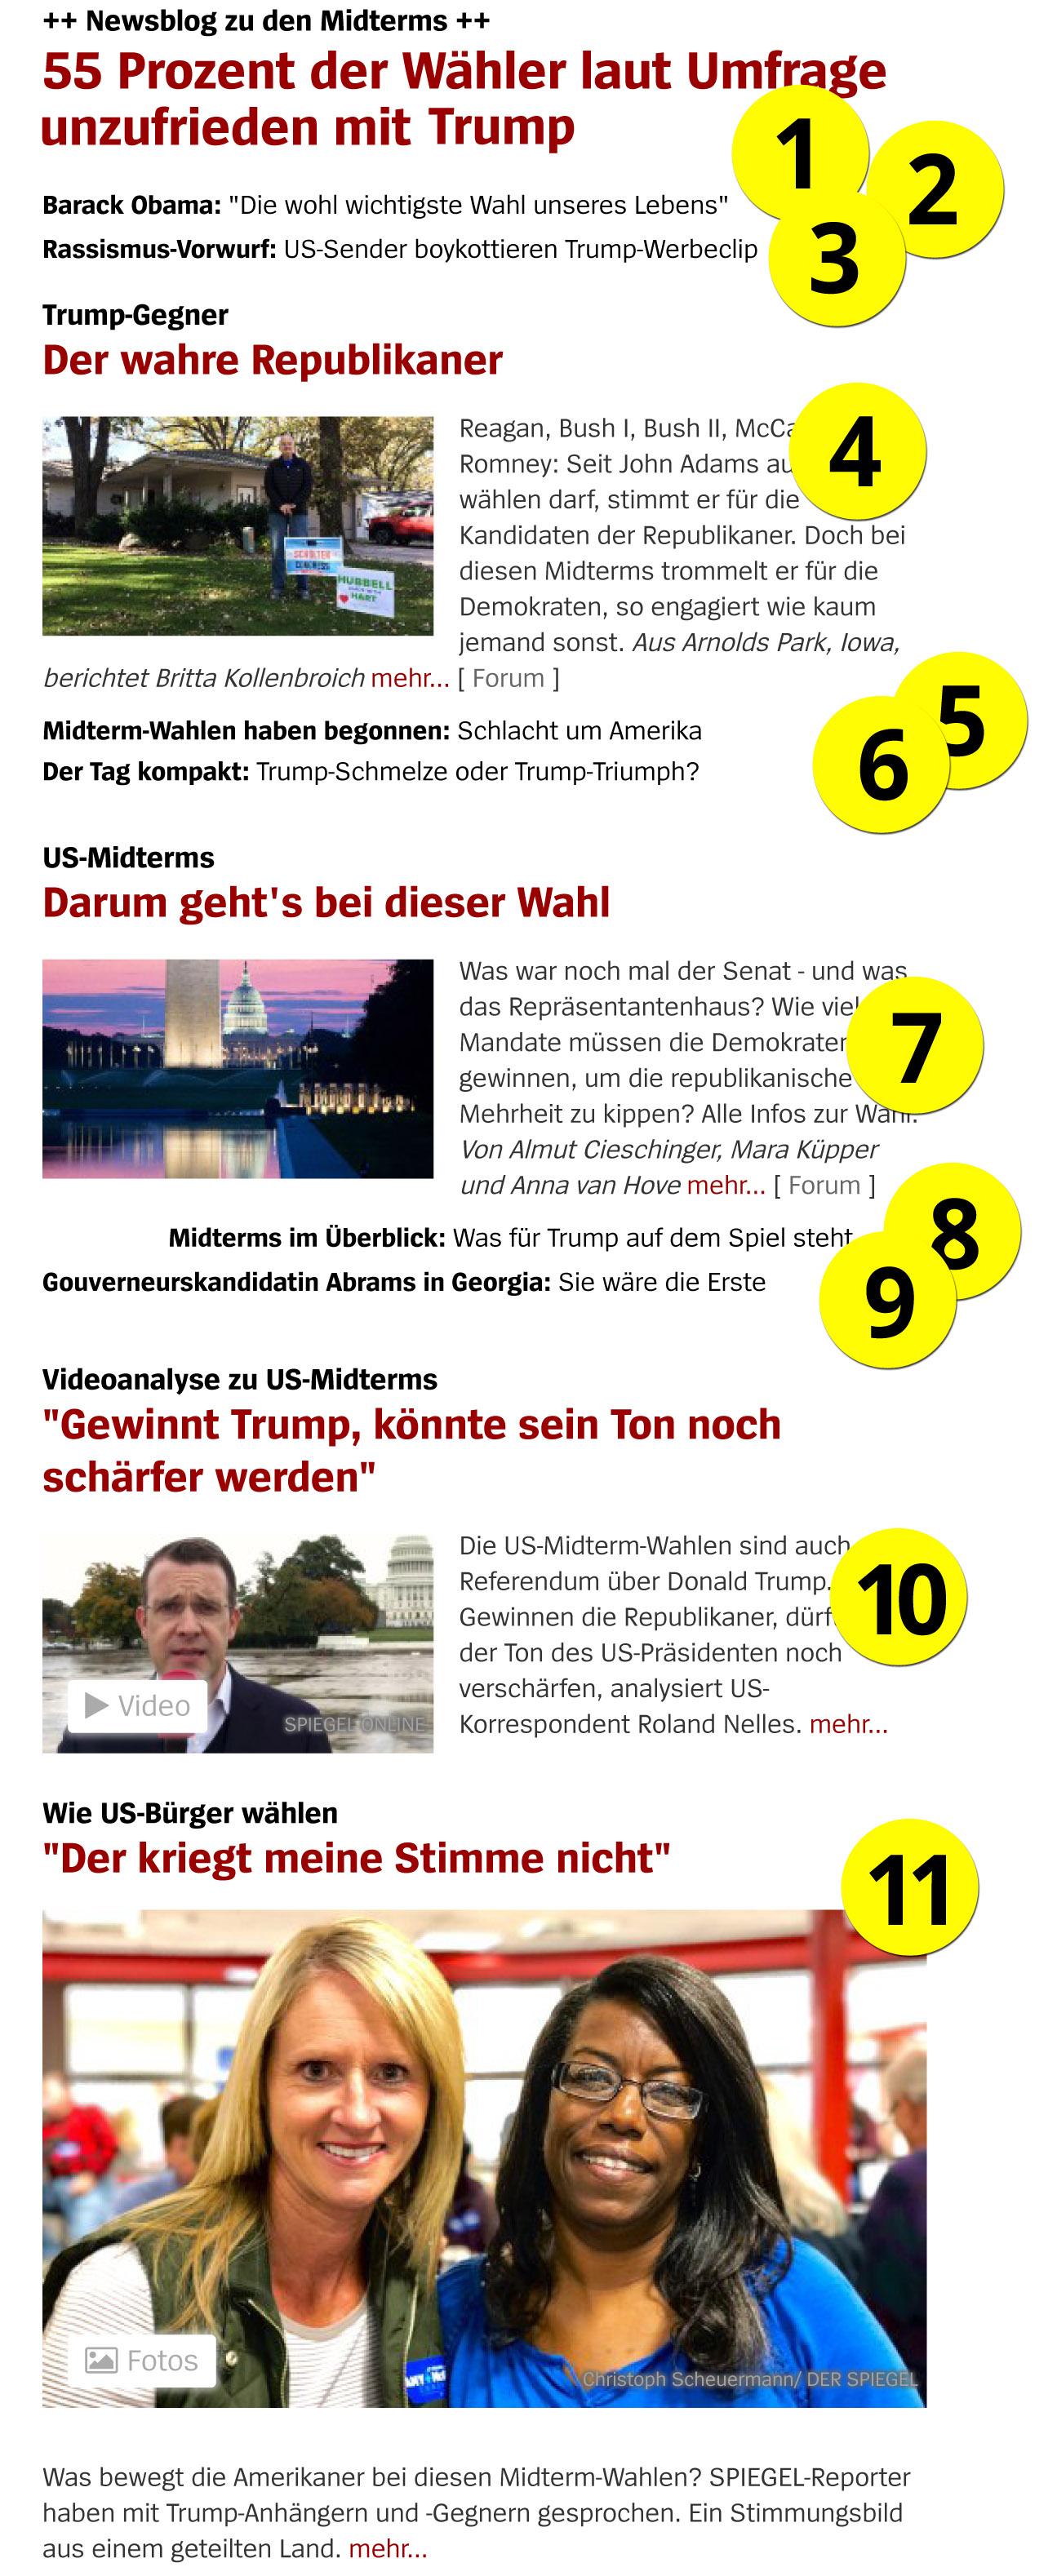 3 Pressefotos Und Ein Langes Leben Haben. Presseheft PräZise Amistad